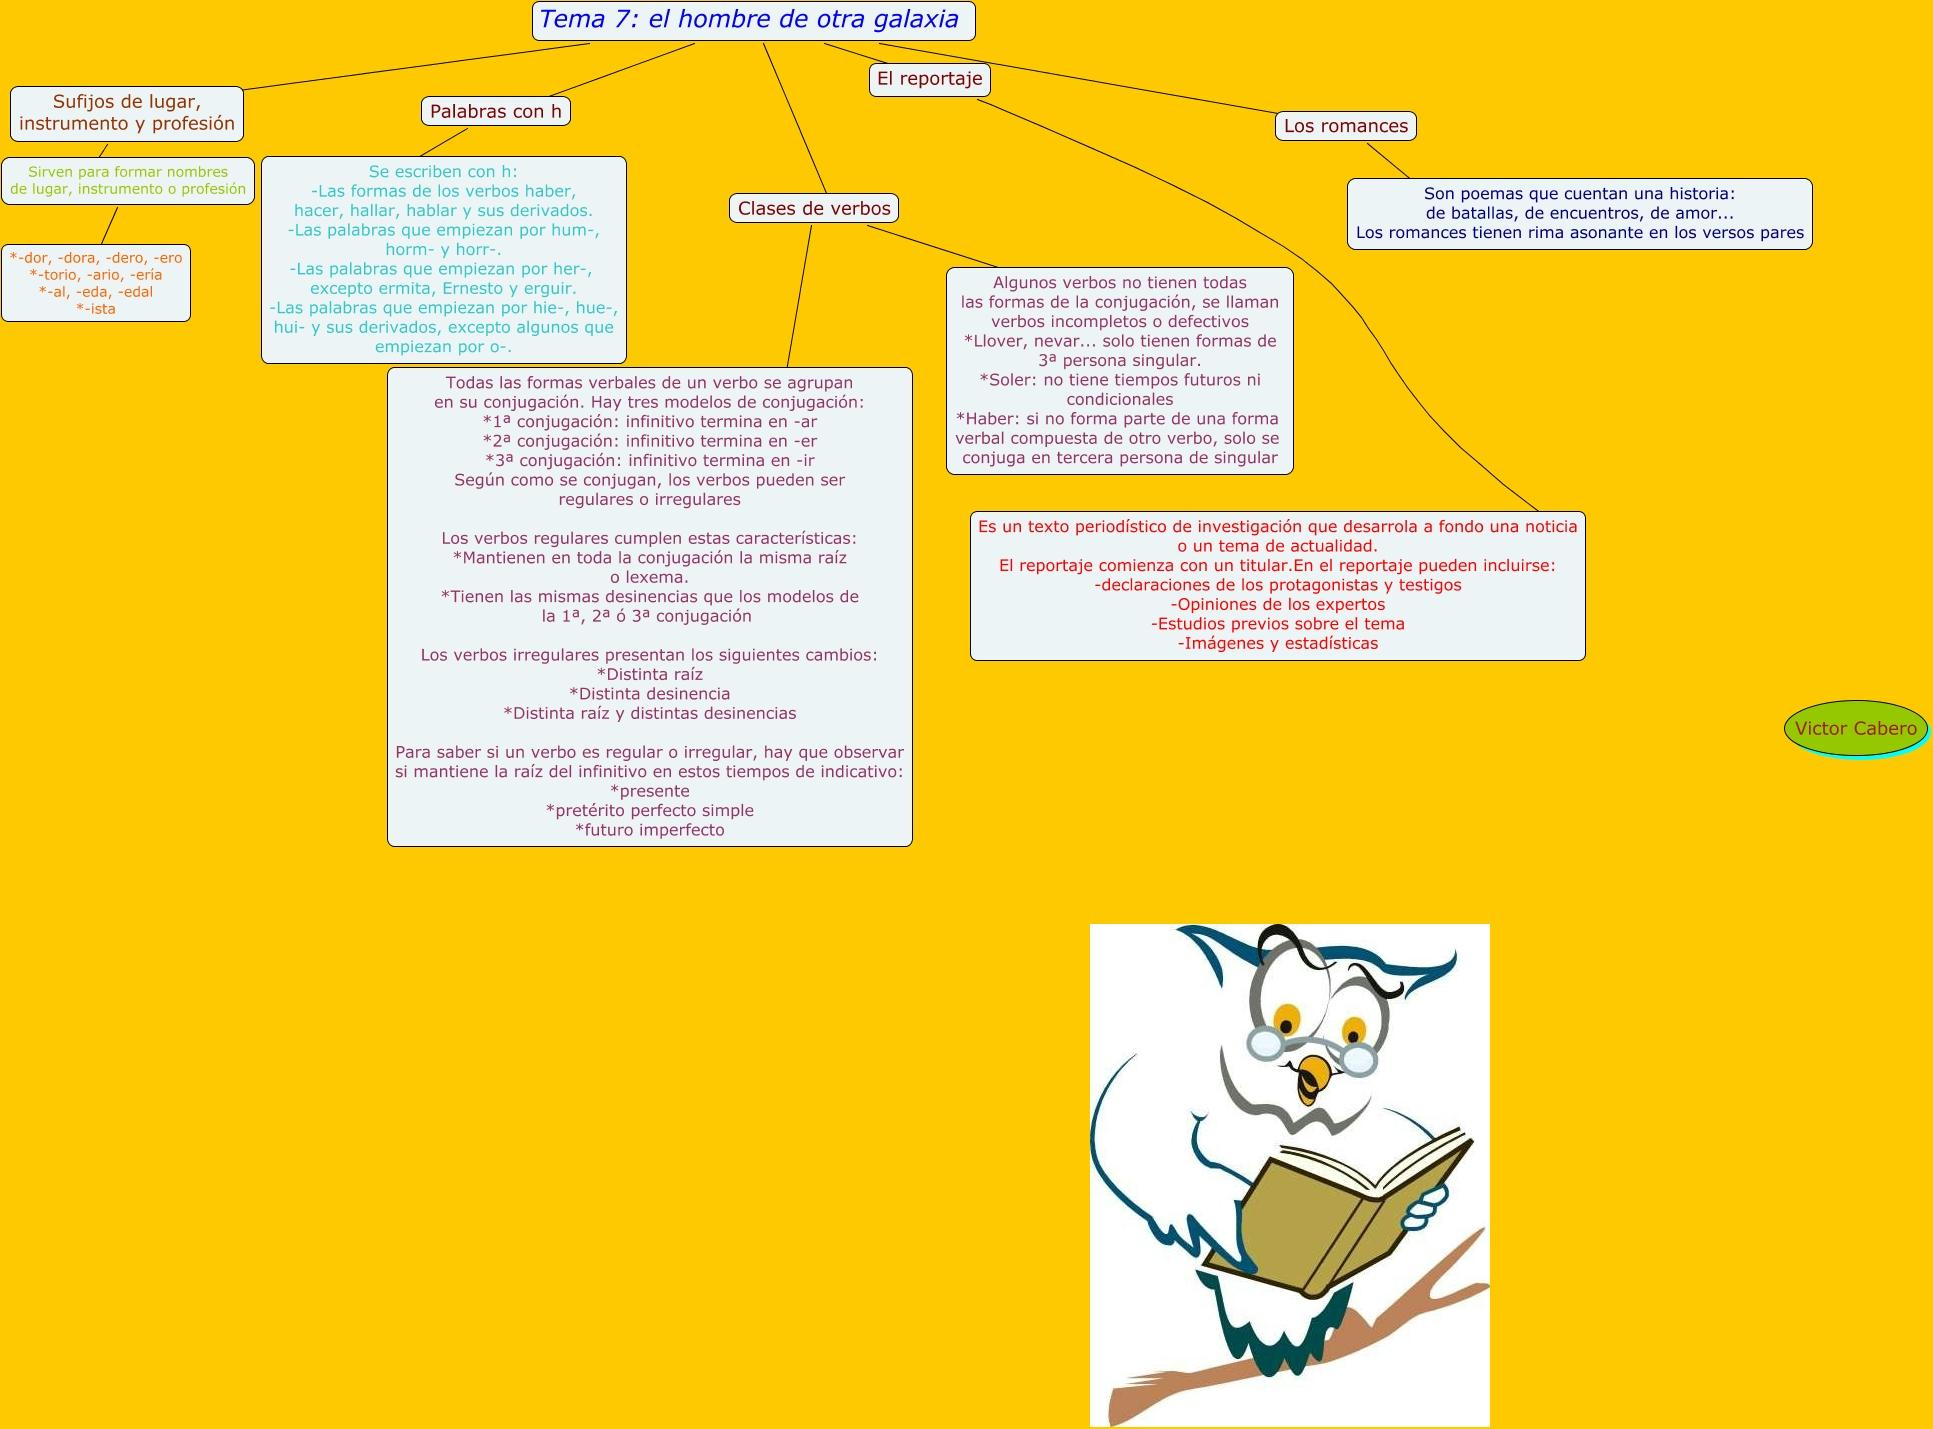 4c32f567b285 En el reportaje pueden incluirse: -declaraciones de los protagonistas y  testigos -Opiniones de los expertos -Estudios previos sobre el tema  -Imágenes y ...